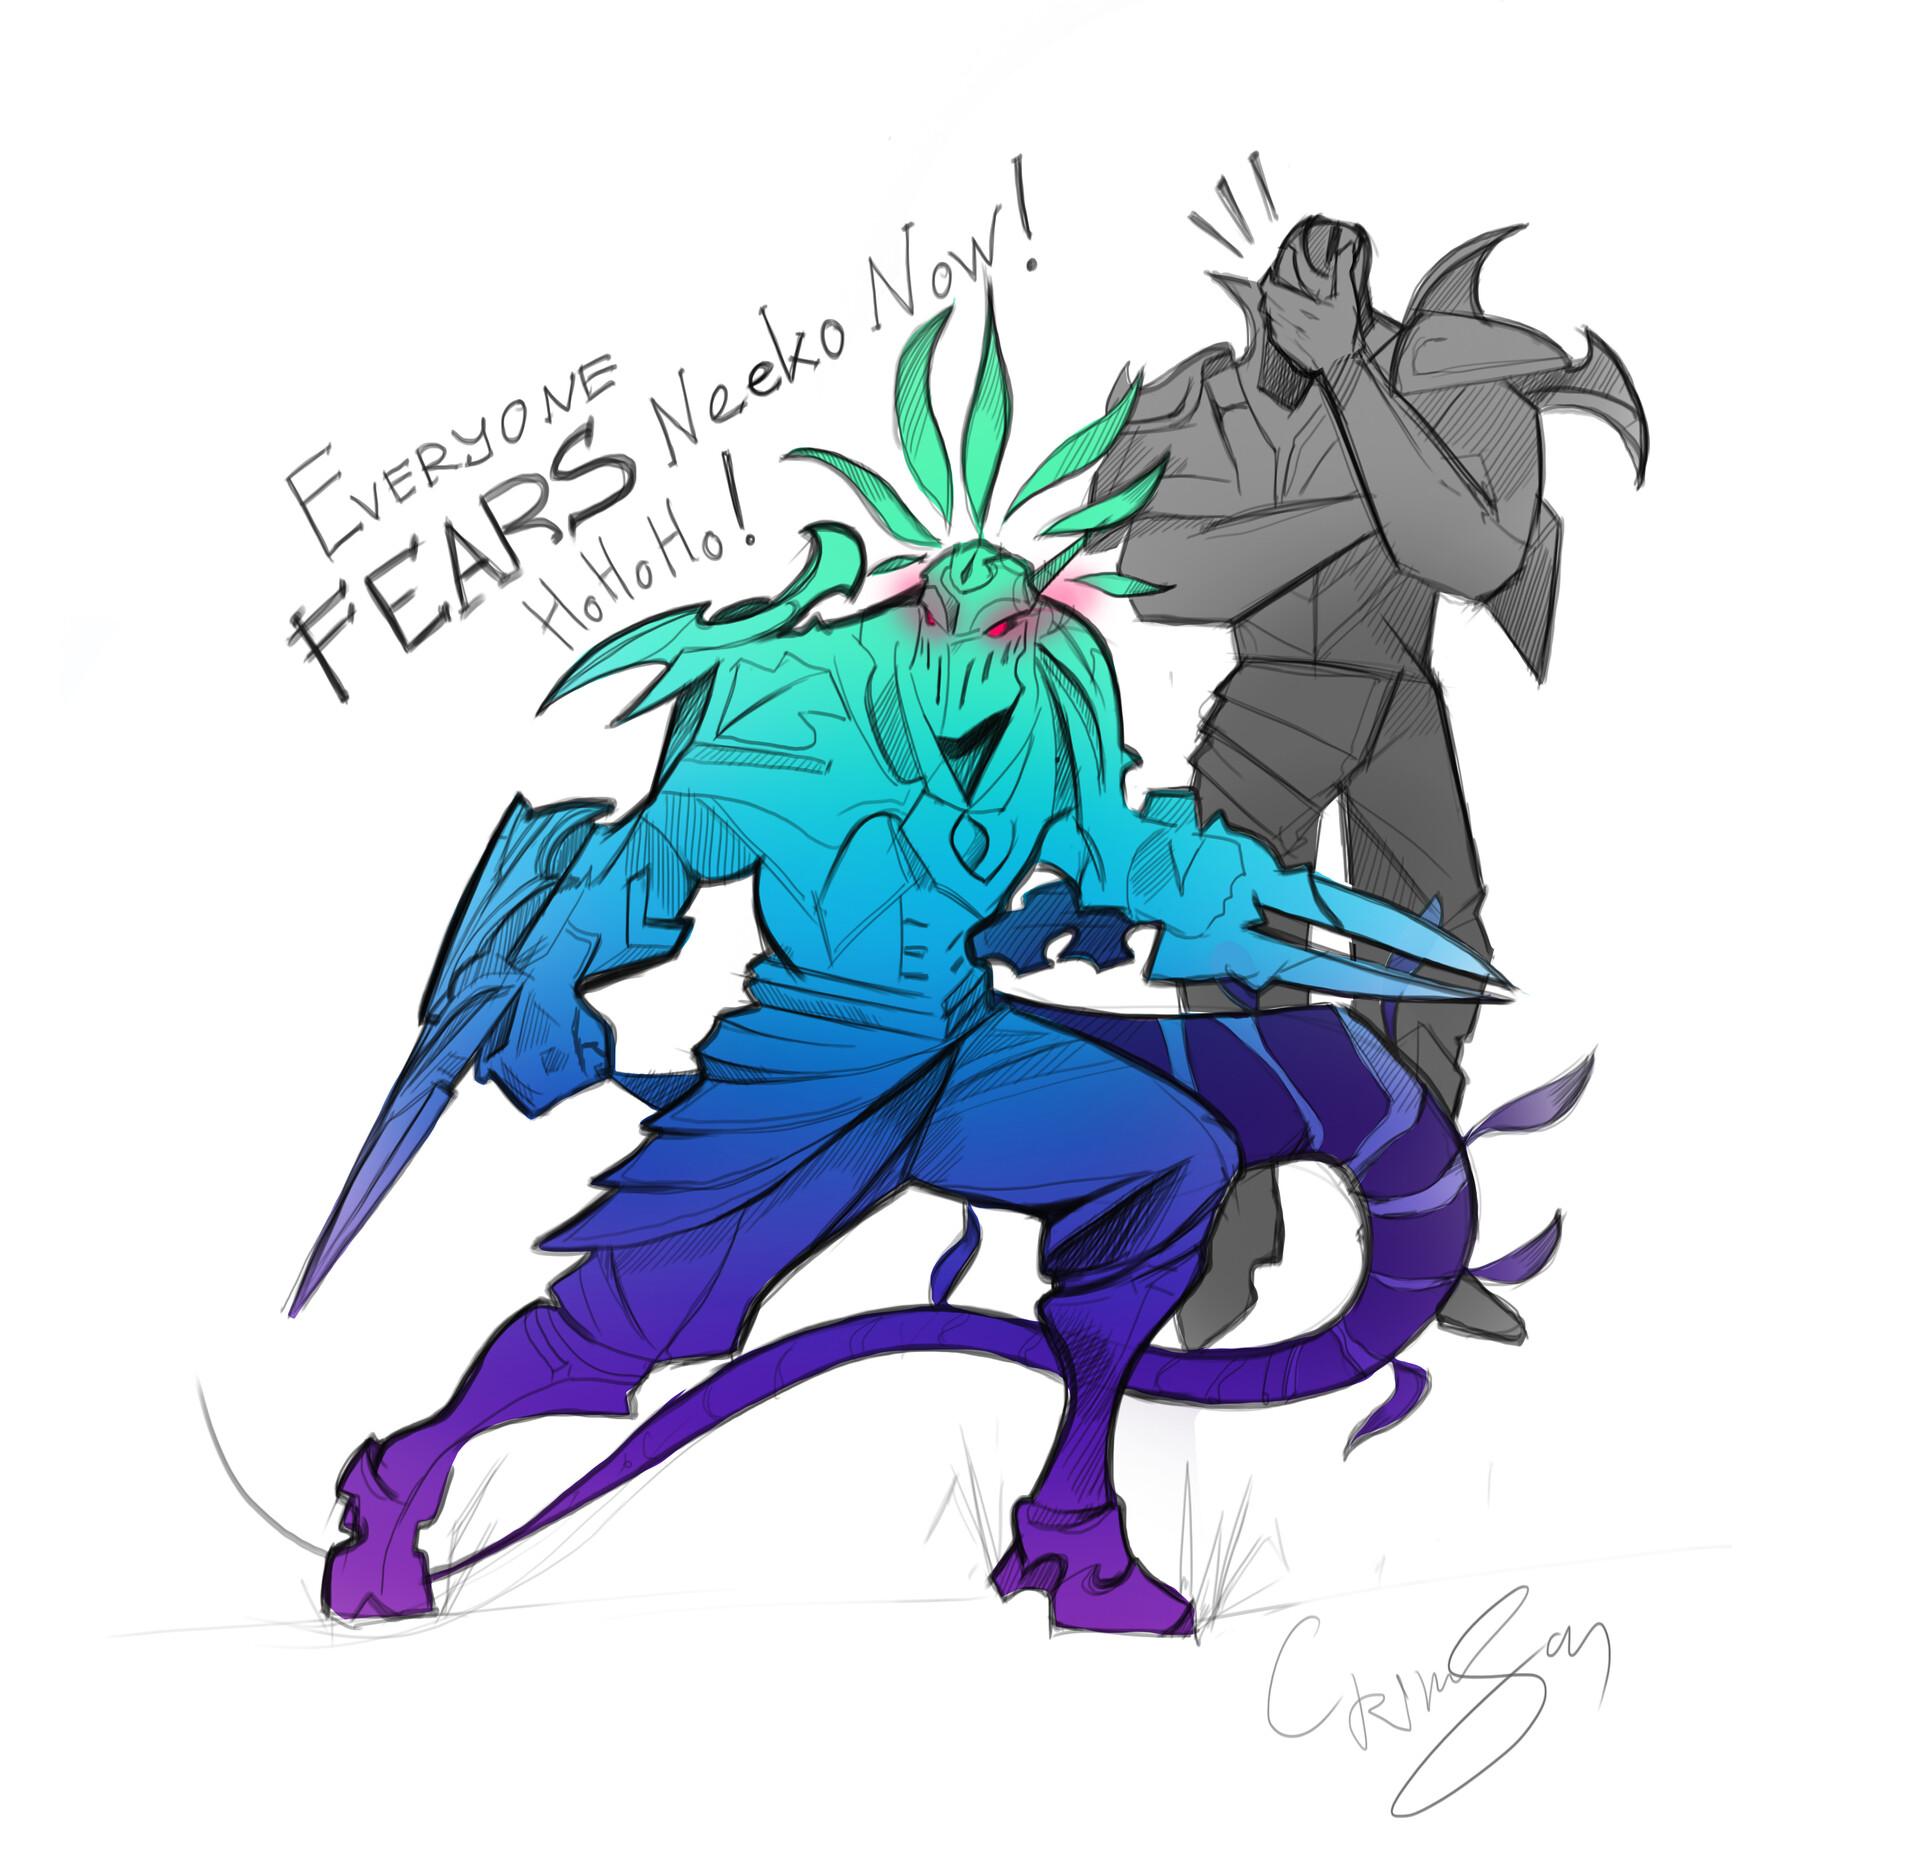 Zed and Neeko